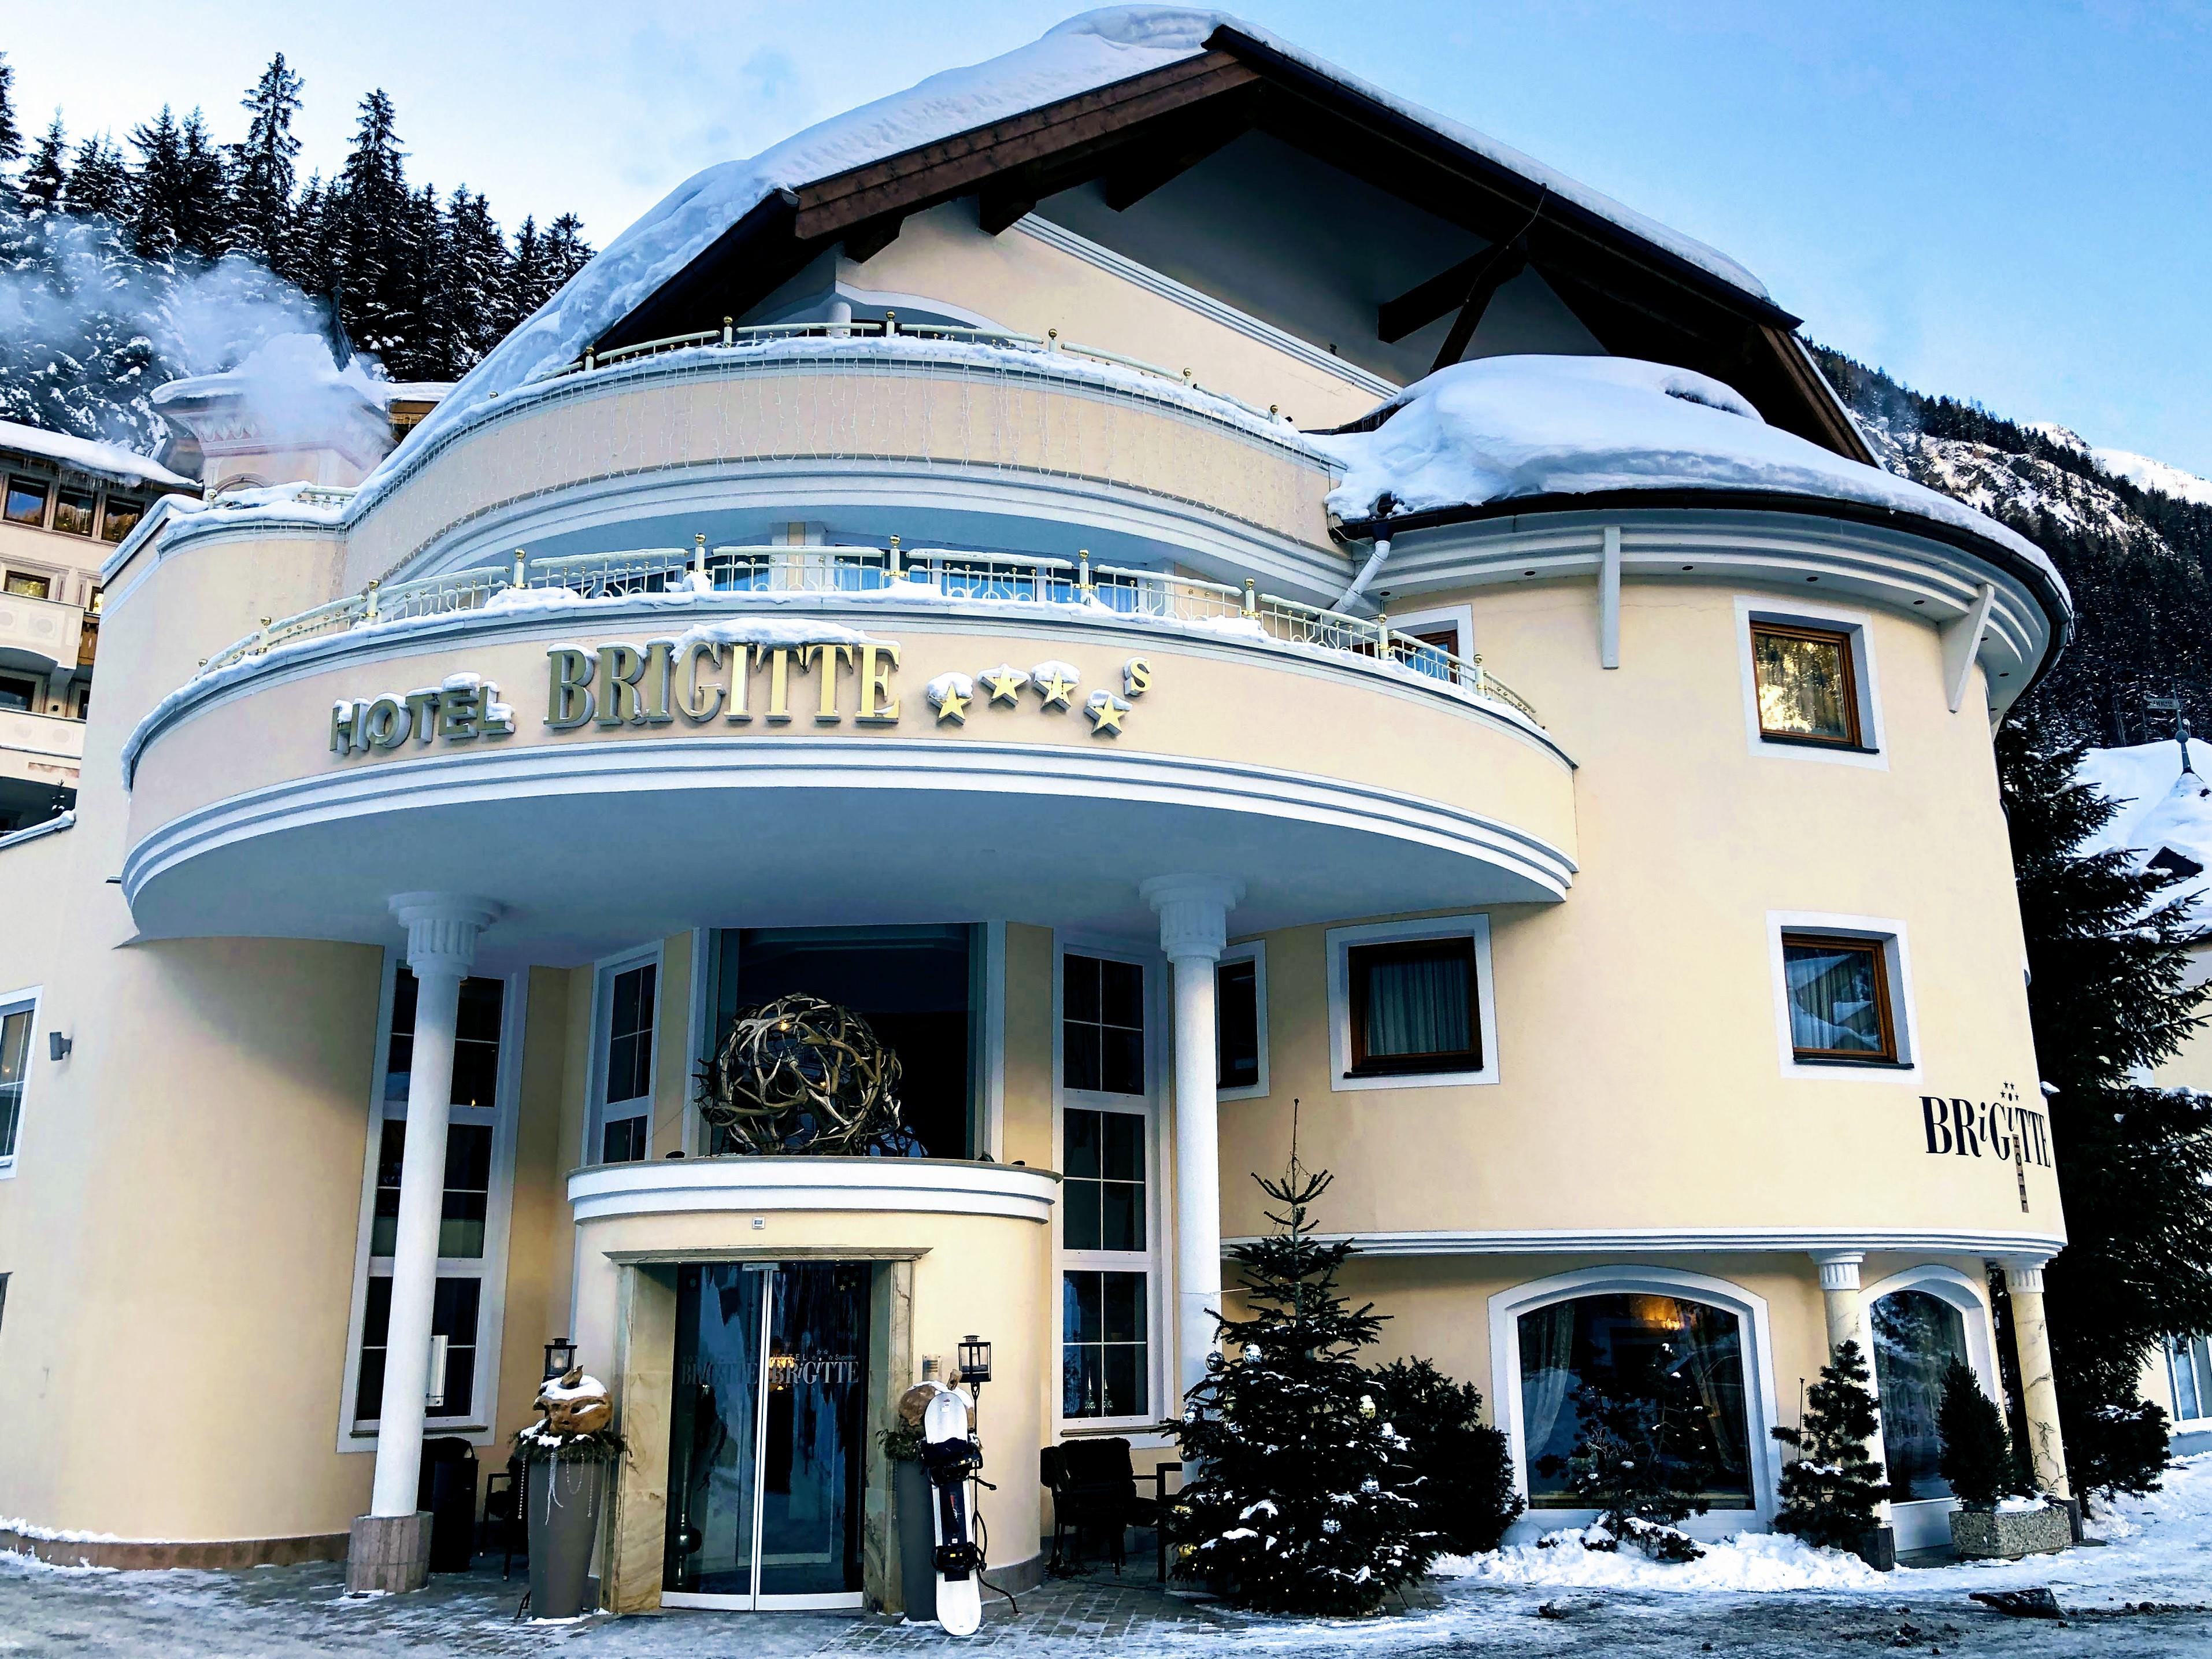 L'Hôtel Brigitte, un 4**** près du centre ville, moderne et confortable avec Spa et piscine /crédit photo JDL